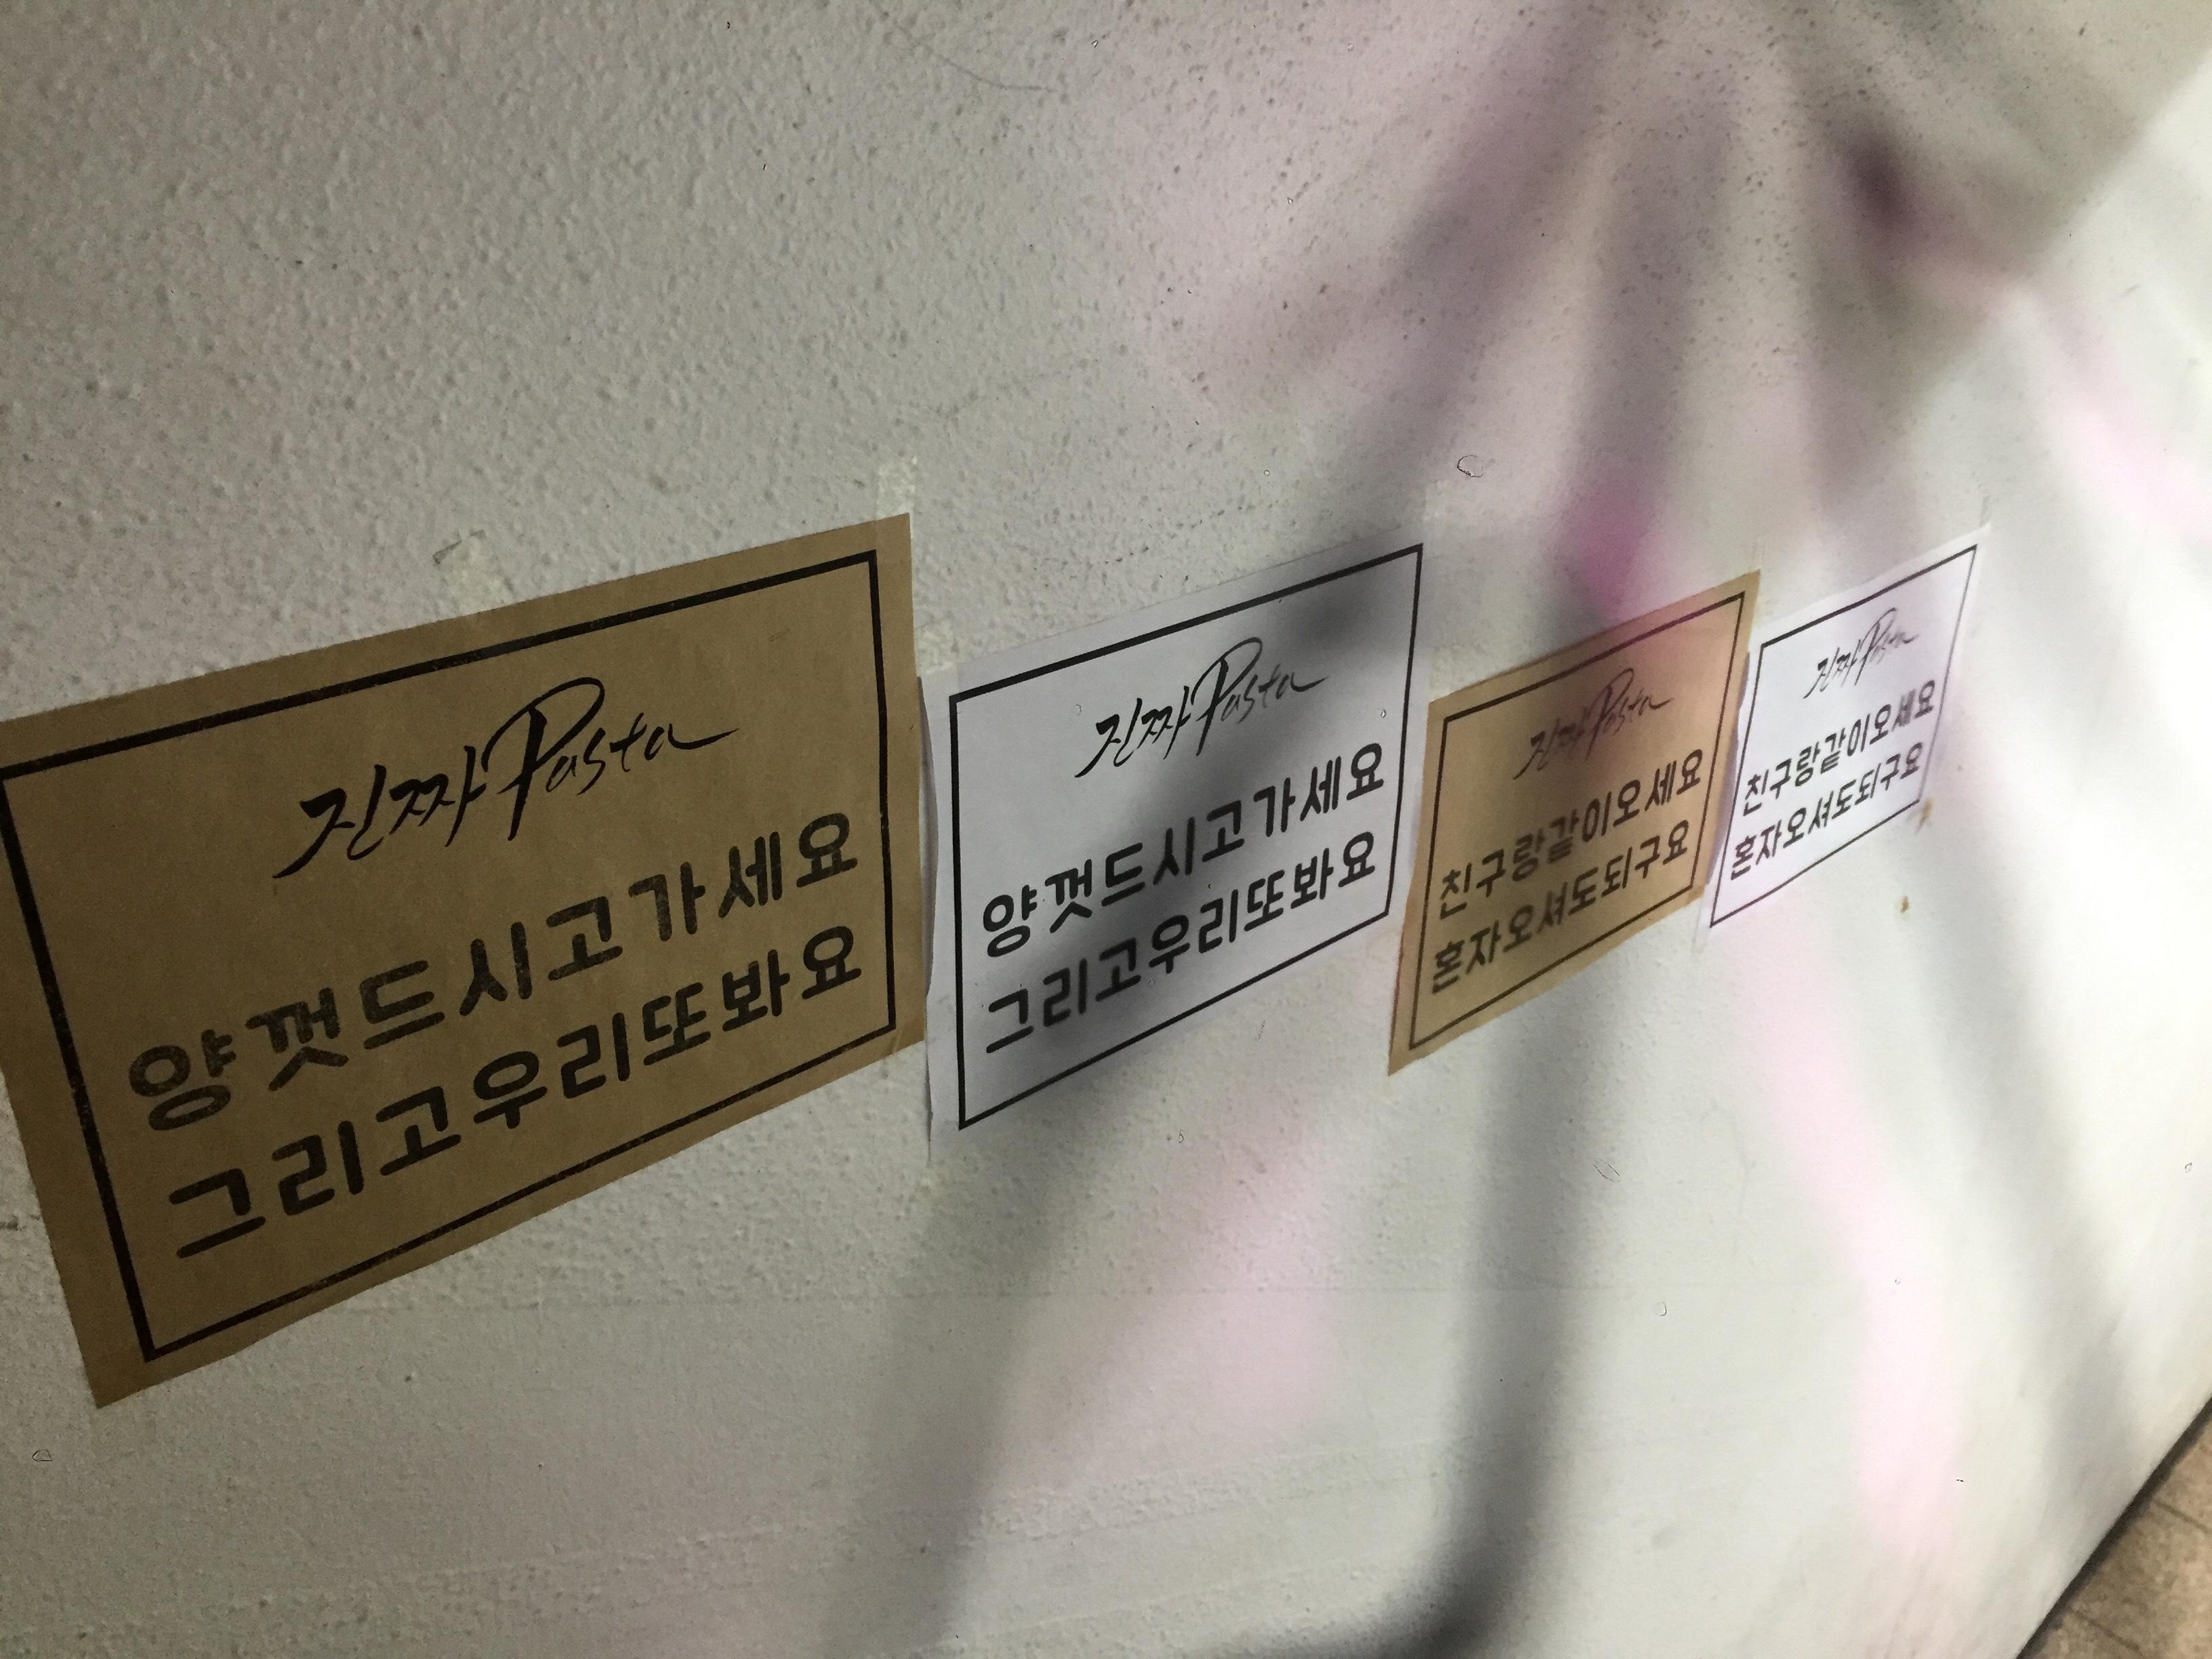 맛집이라기엔 애매한 곳 [상수]진짜파스타